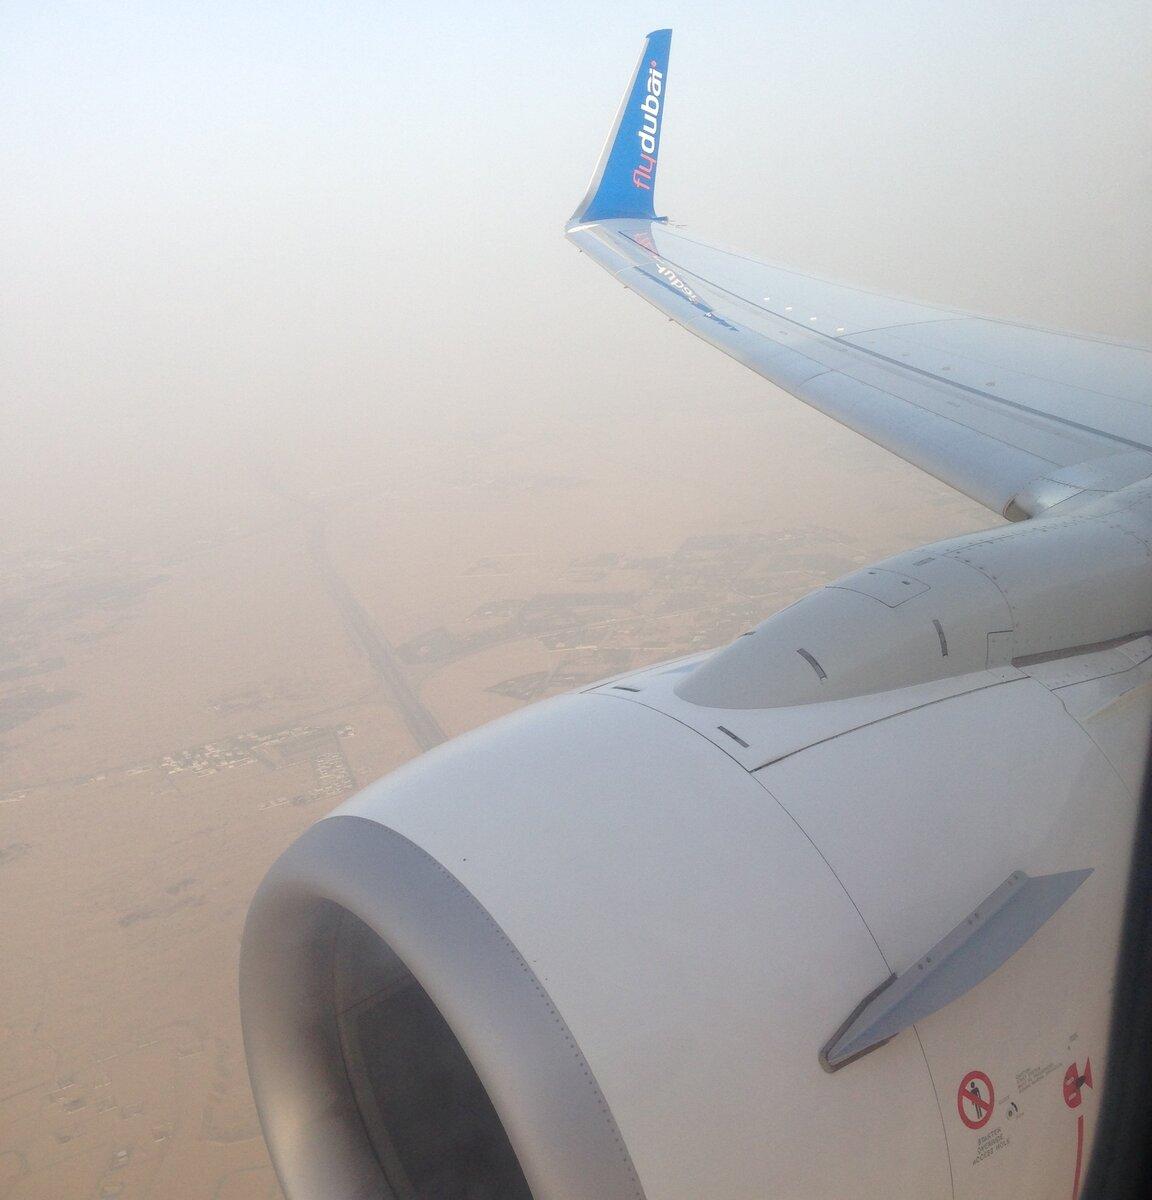 Зона турбулентности в самолете: что это и чем опасно